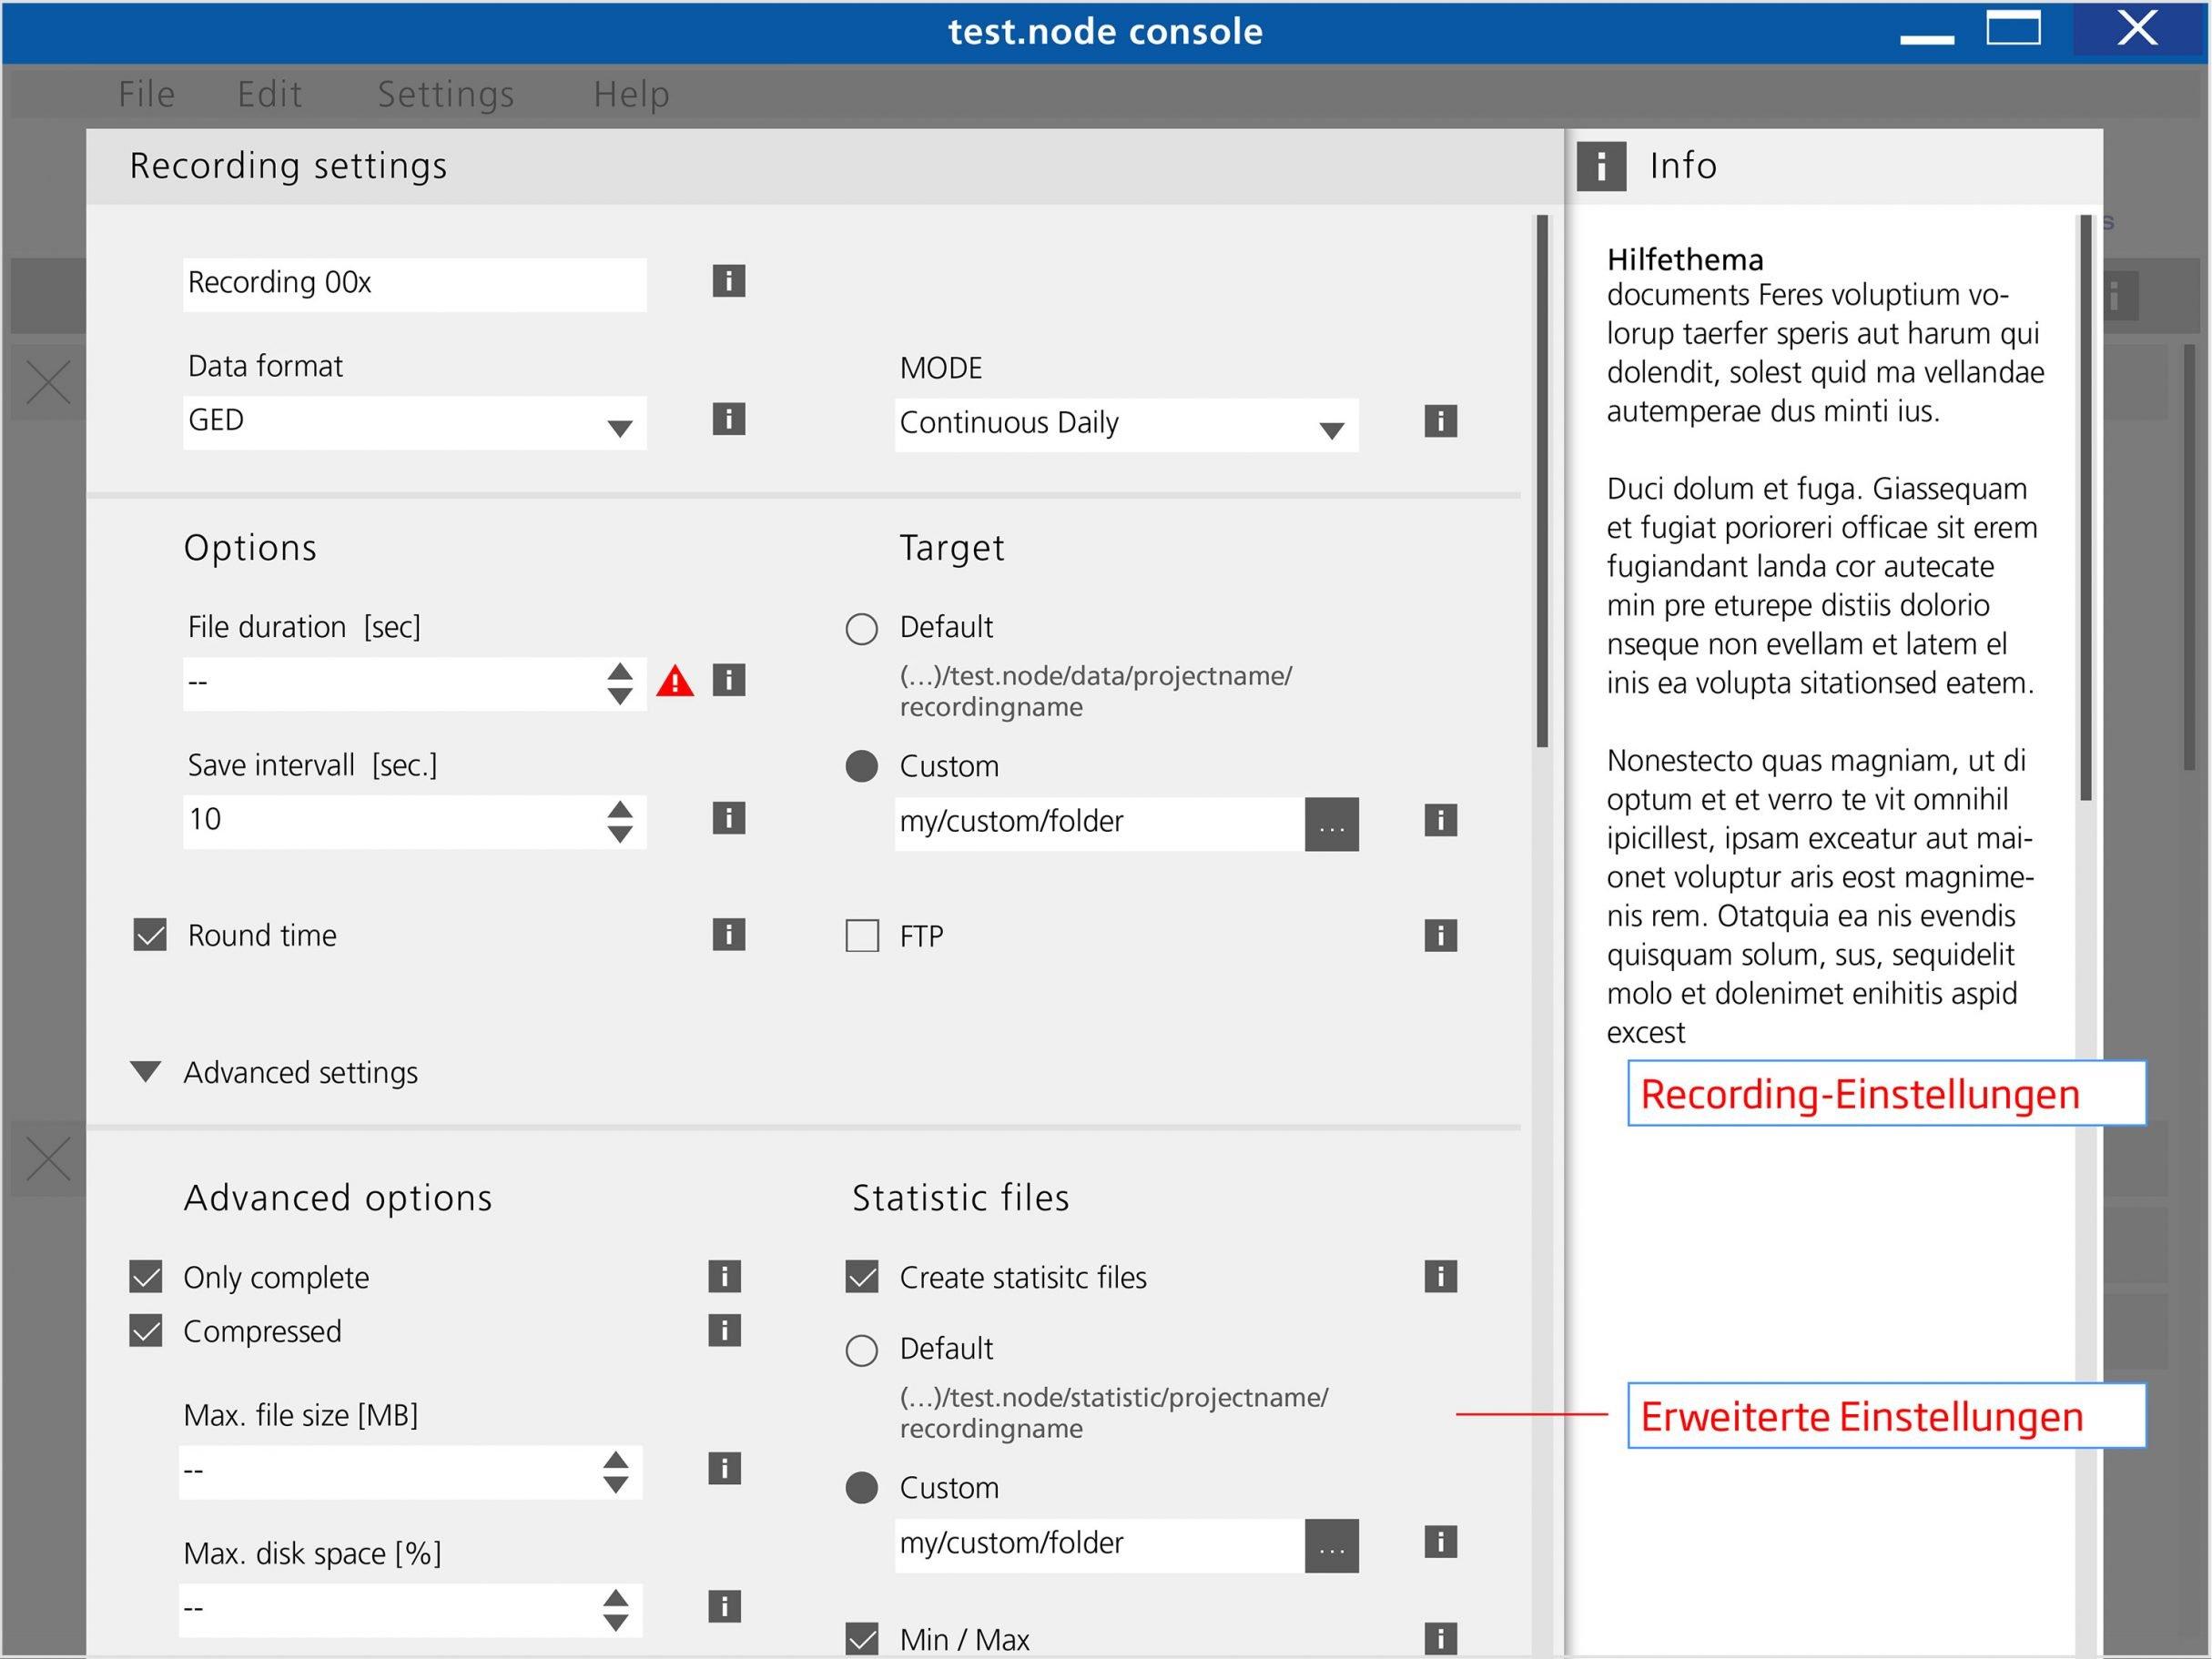 Kontexthilfe, test.node Software für Gantner Instruments: DIE NEUDENKER® Agentur, Darmstadt